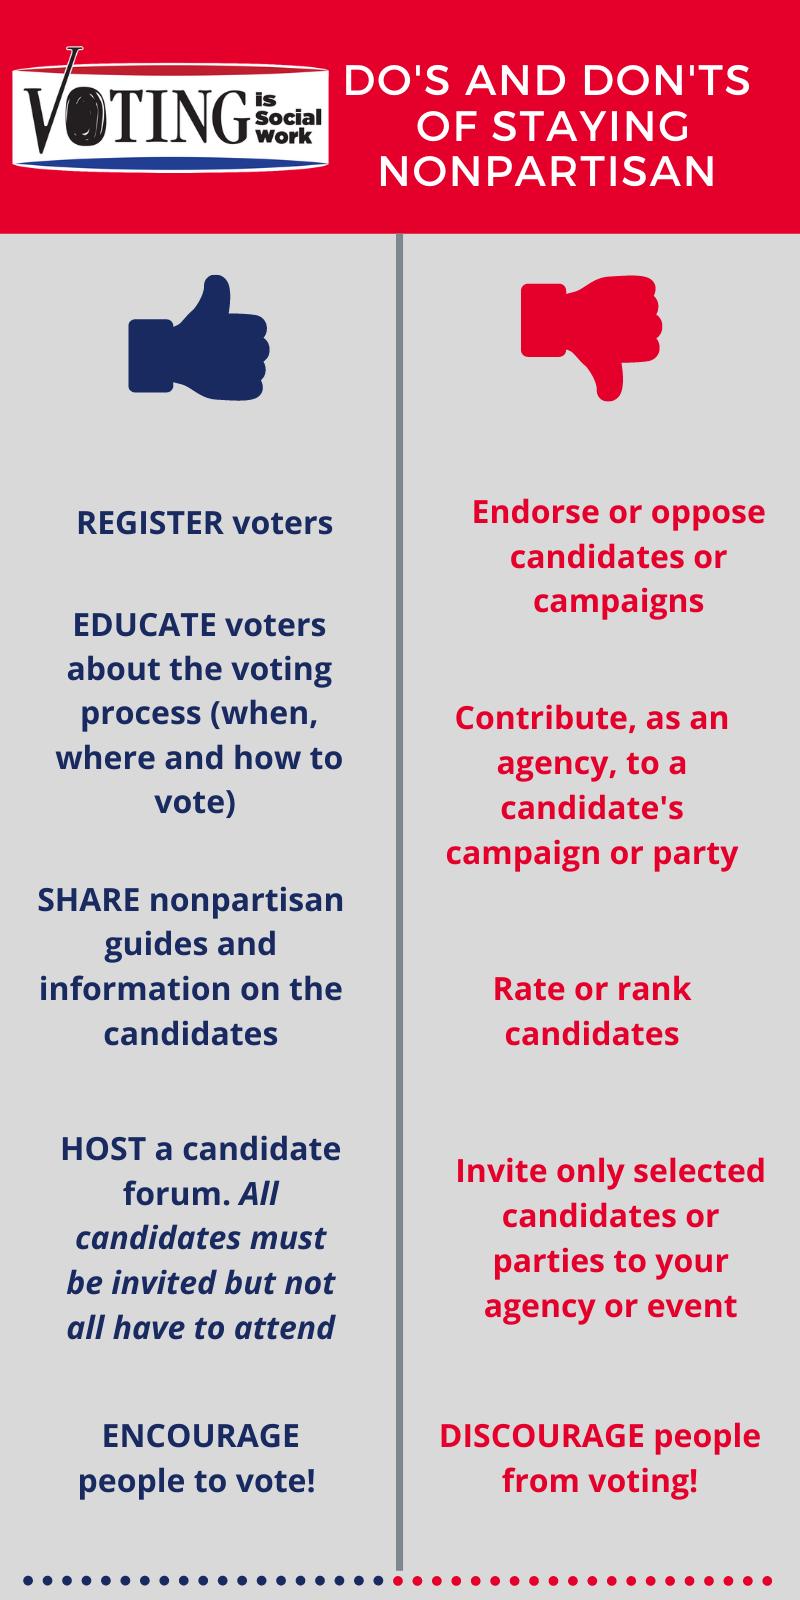 VISW Branding Staying Nonpartisan